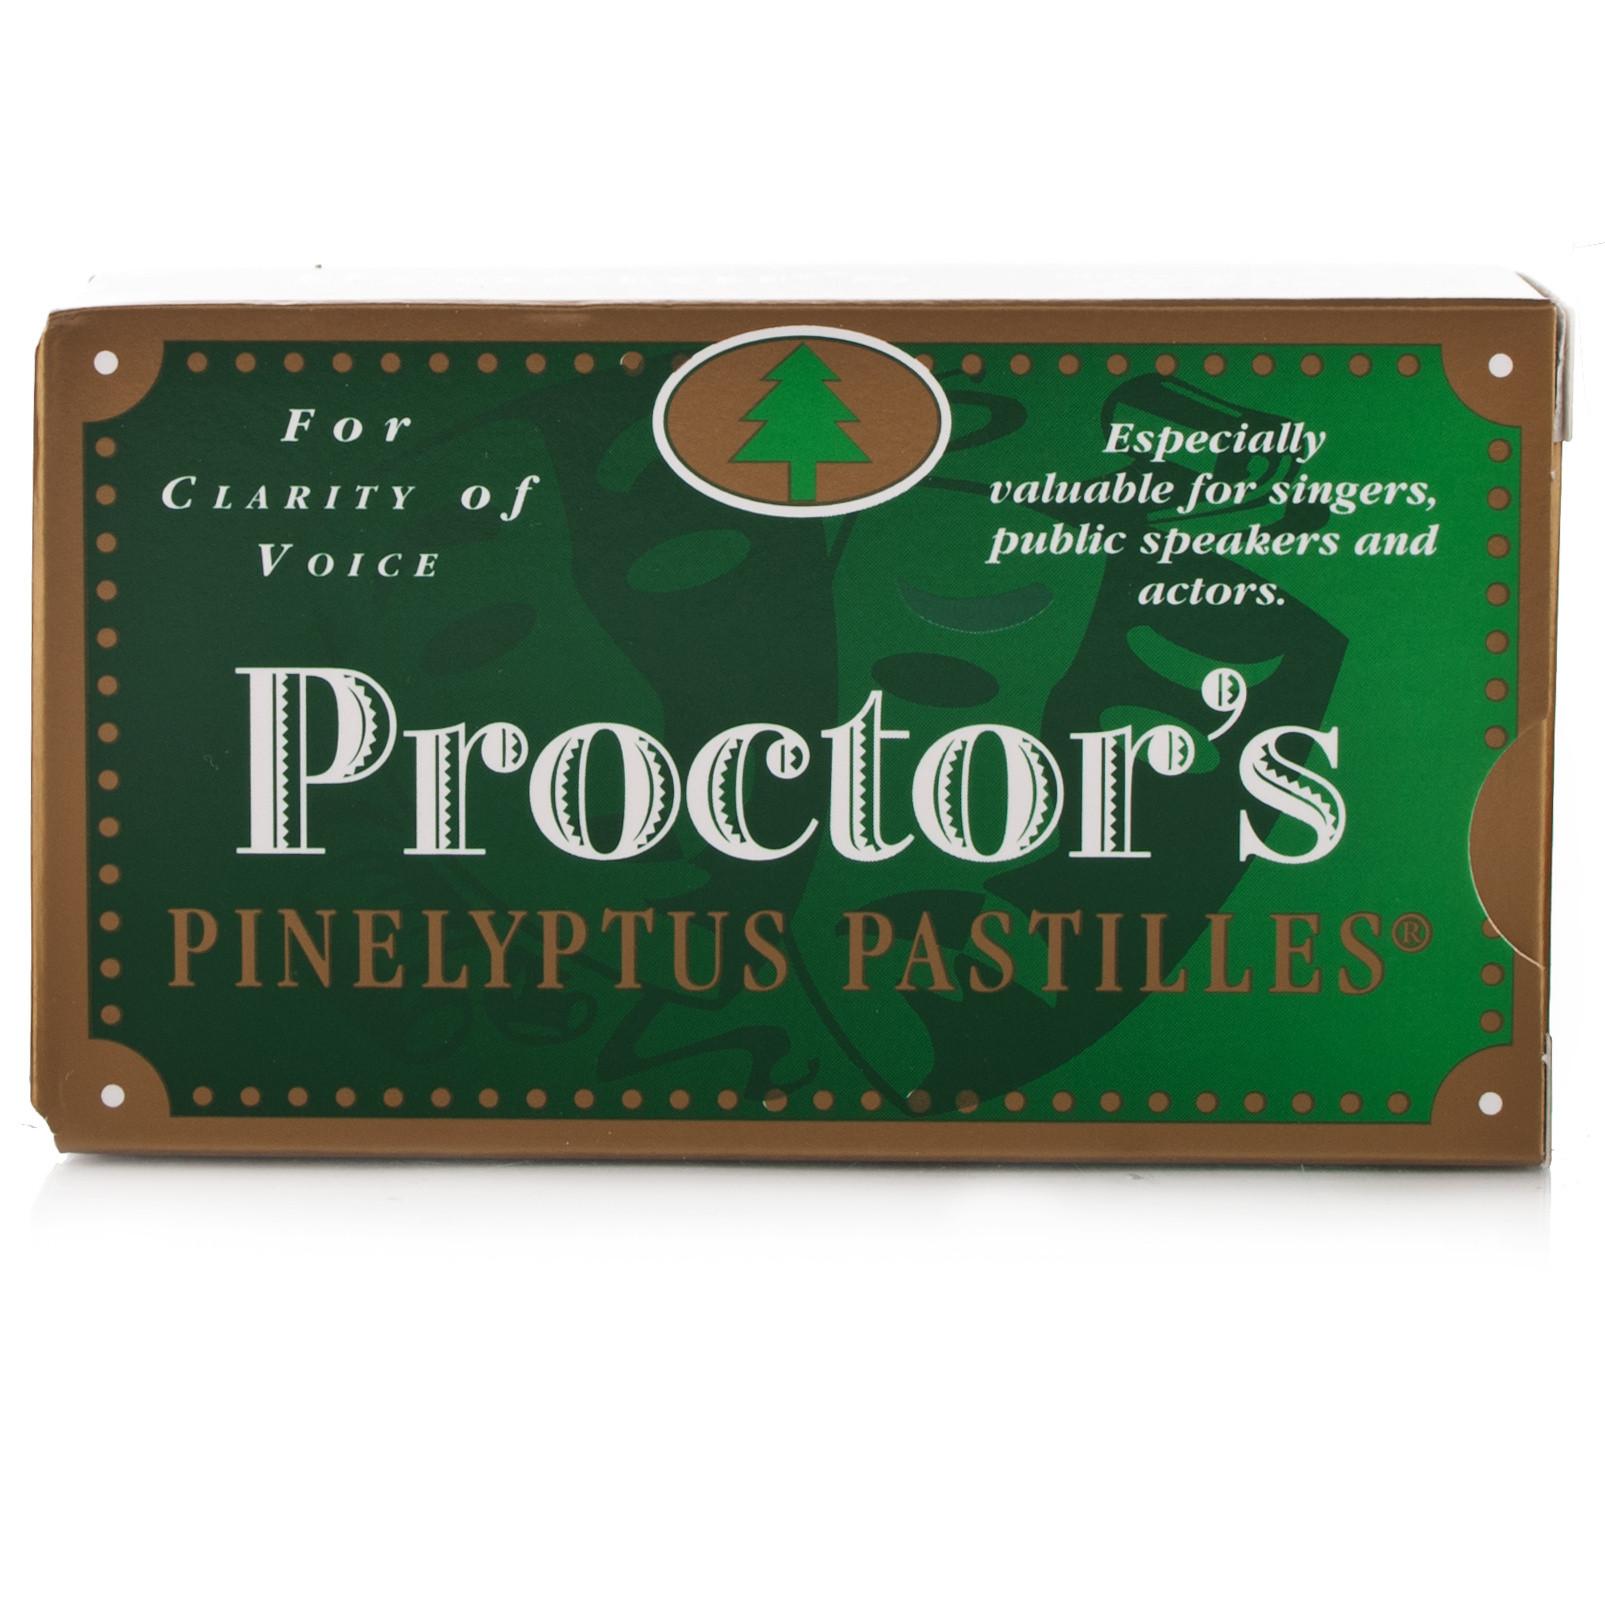 Proctor's Pinelyptus Pastilles